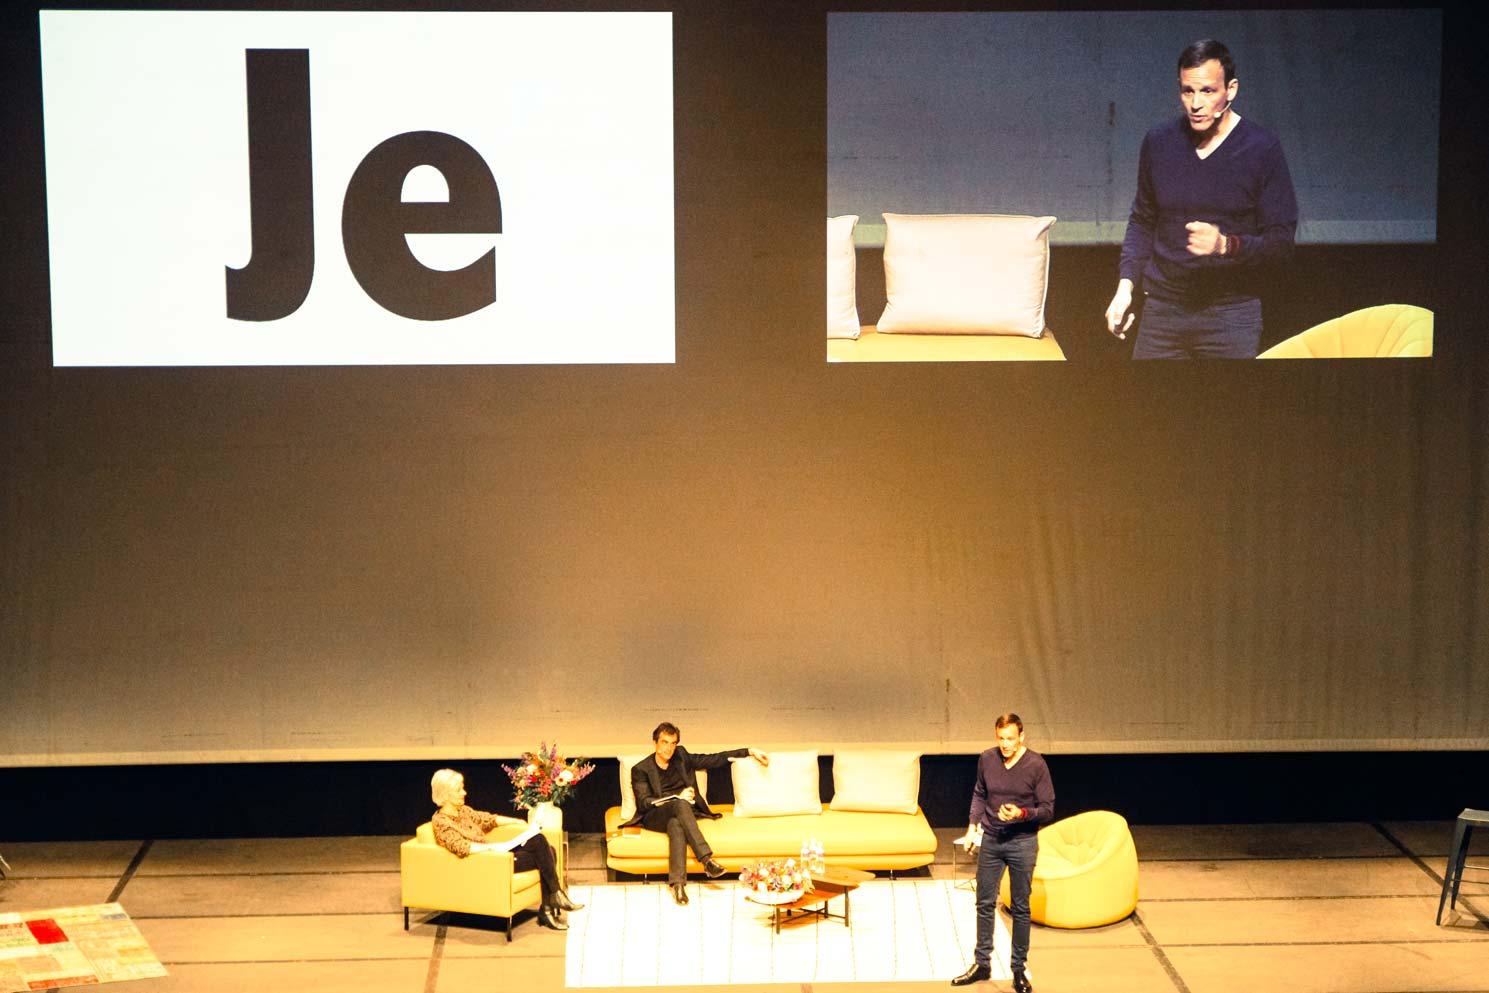 """Iker Aguirre en pleine intervention. Ose le """"Je"""", Oser le """"Jeu"""", tout un programme !"""